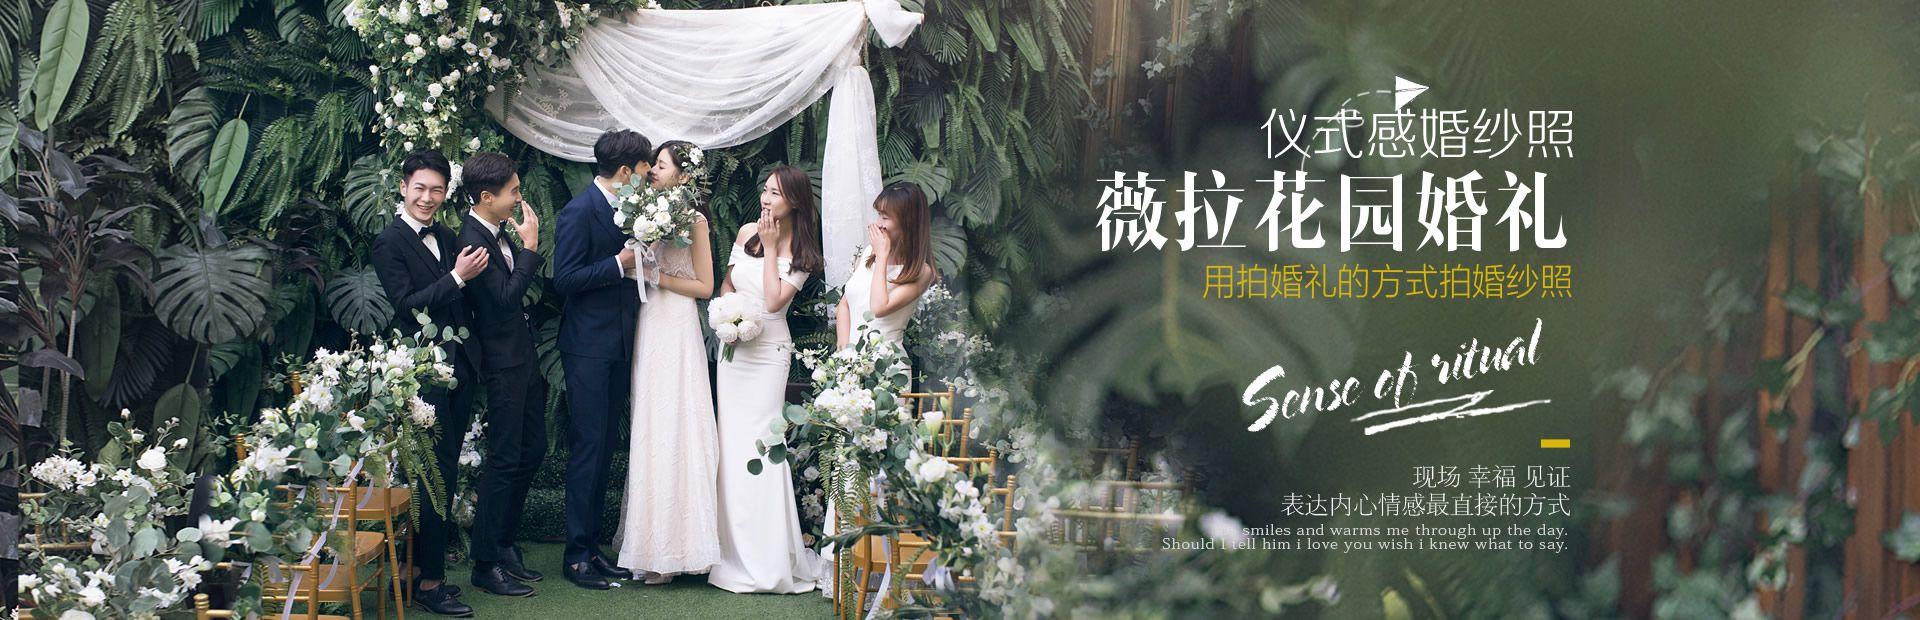 薇拉花园婚礼(顶部换灯片)